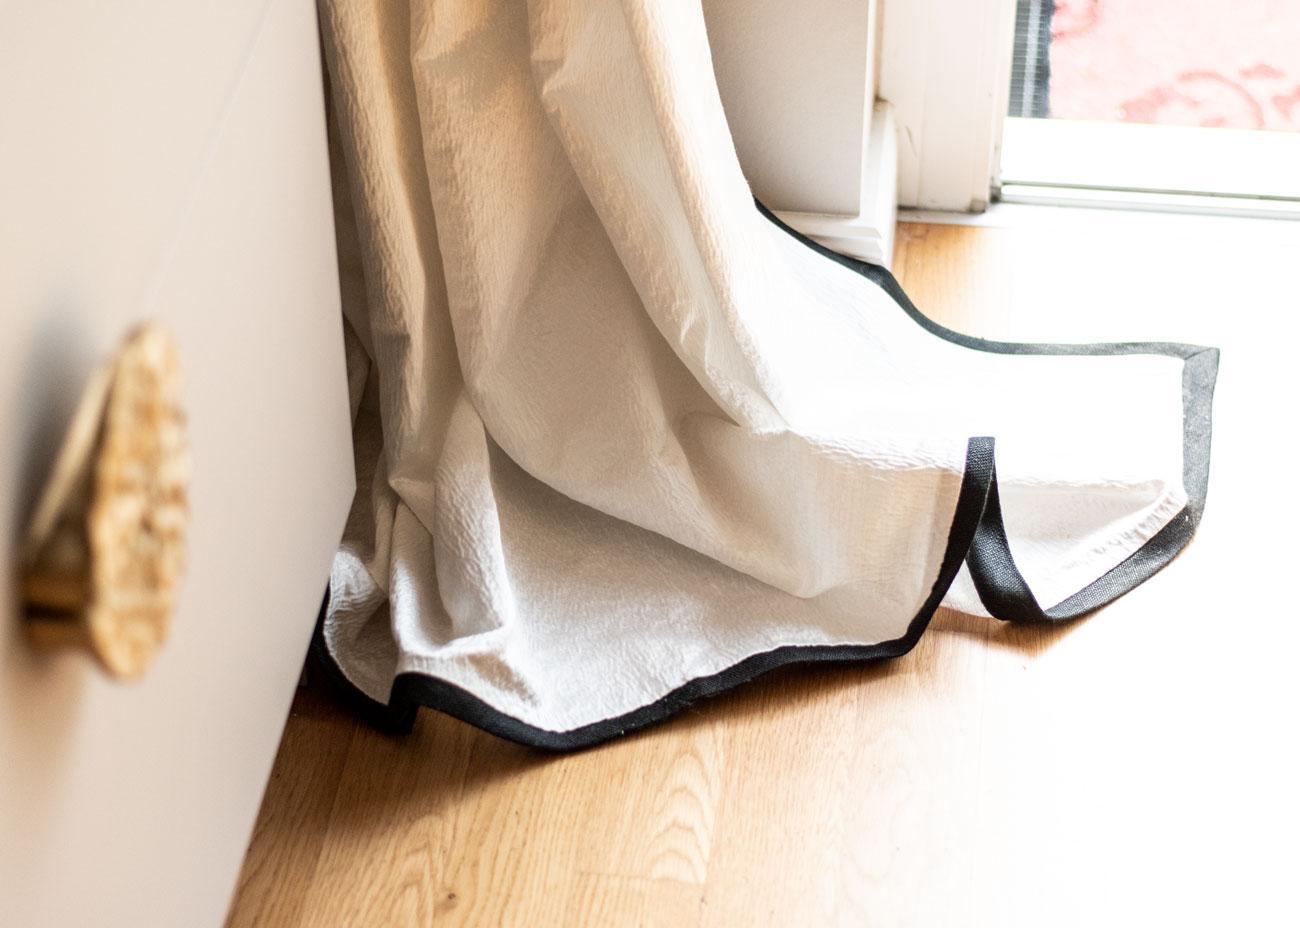 haus renovieren ideen wohnzimmer vorhnag weiss kommode griff